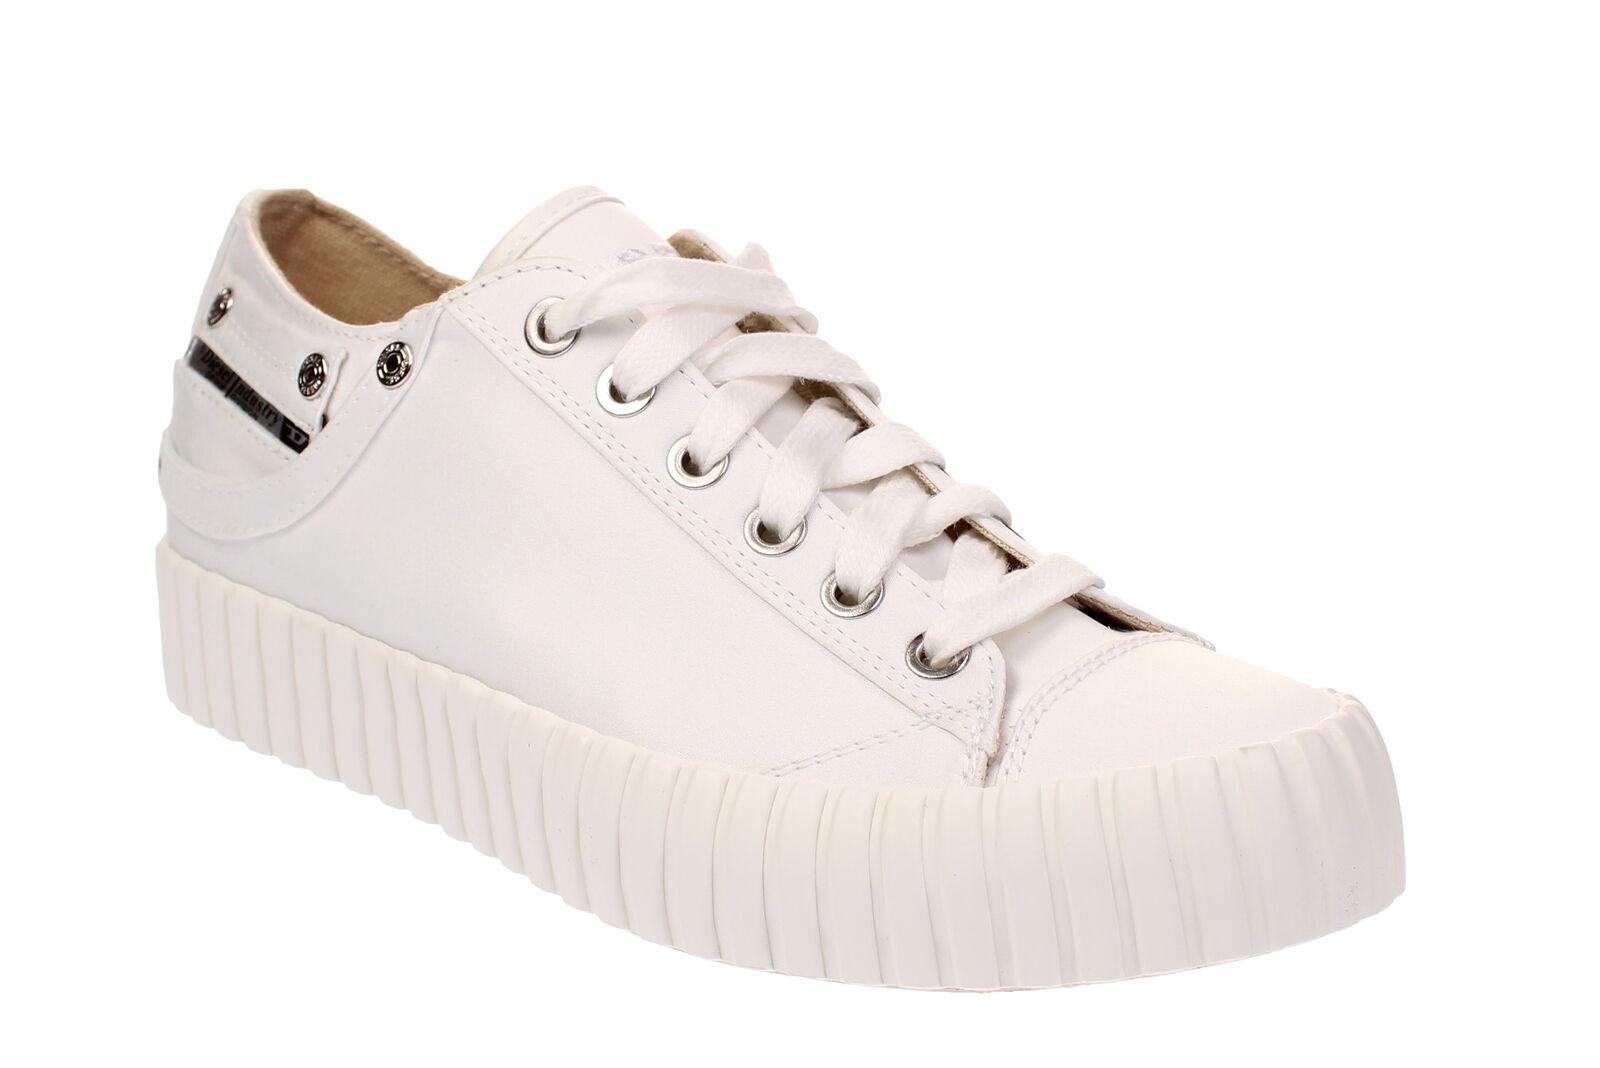 Venta de liquidación de temporada Barato y cómodo Diesel Deutschland  Y01646 PR189 MAGNETE - Damen Schuhe Sneaker - t1003